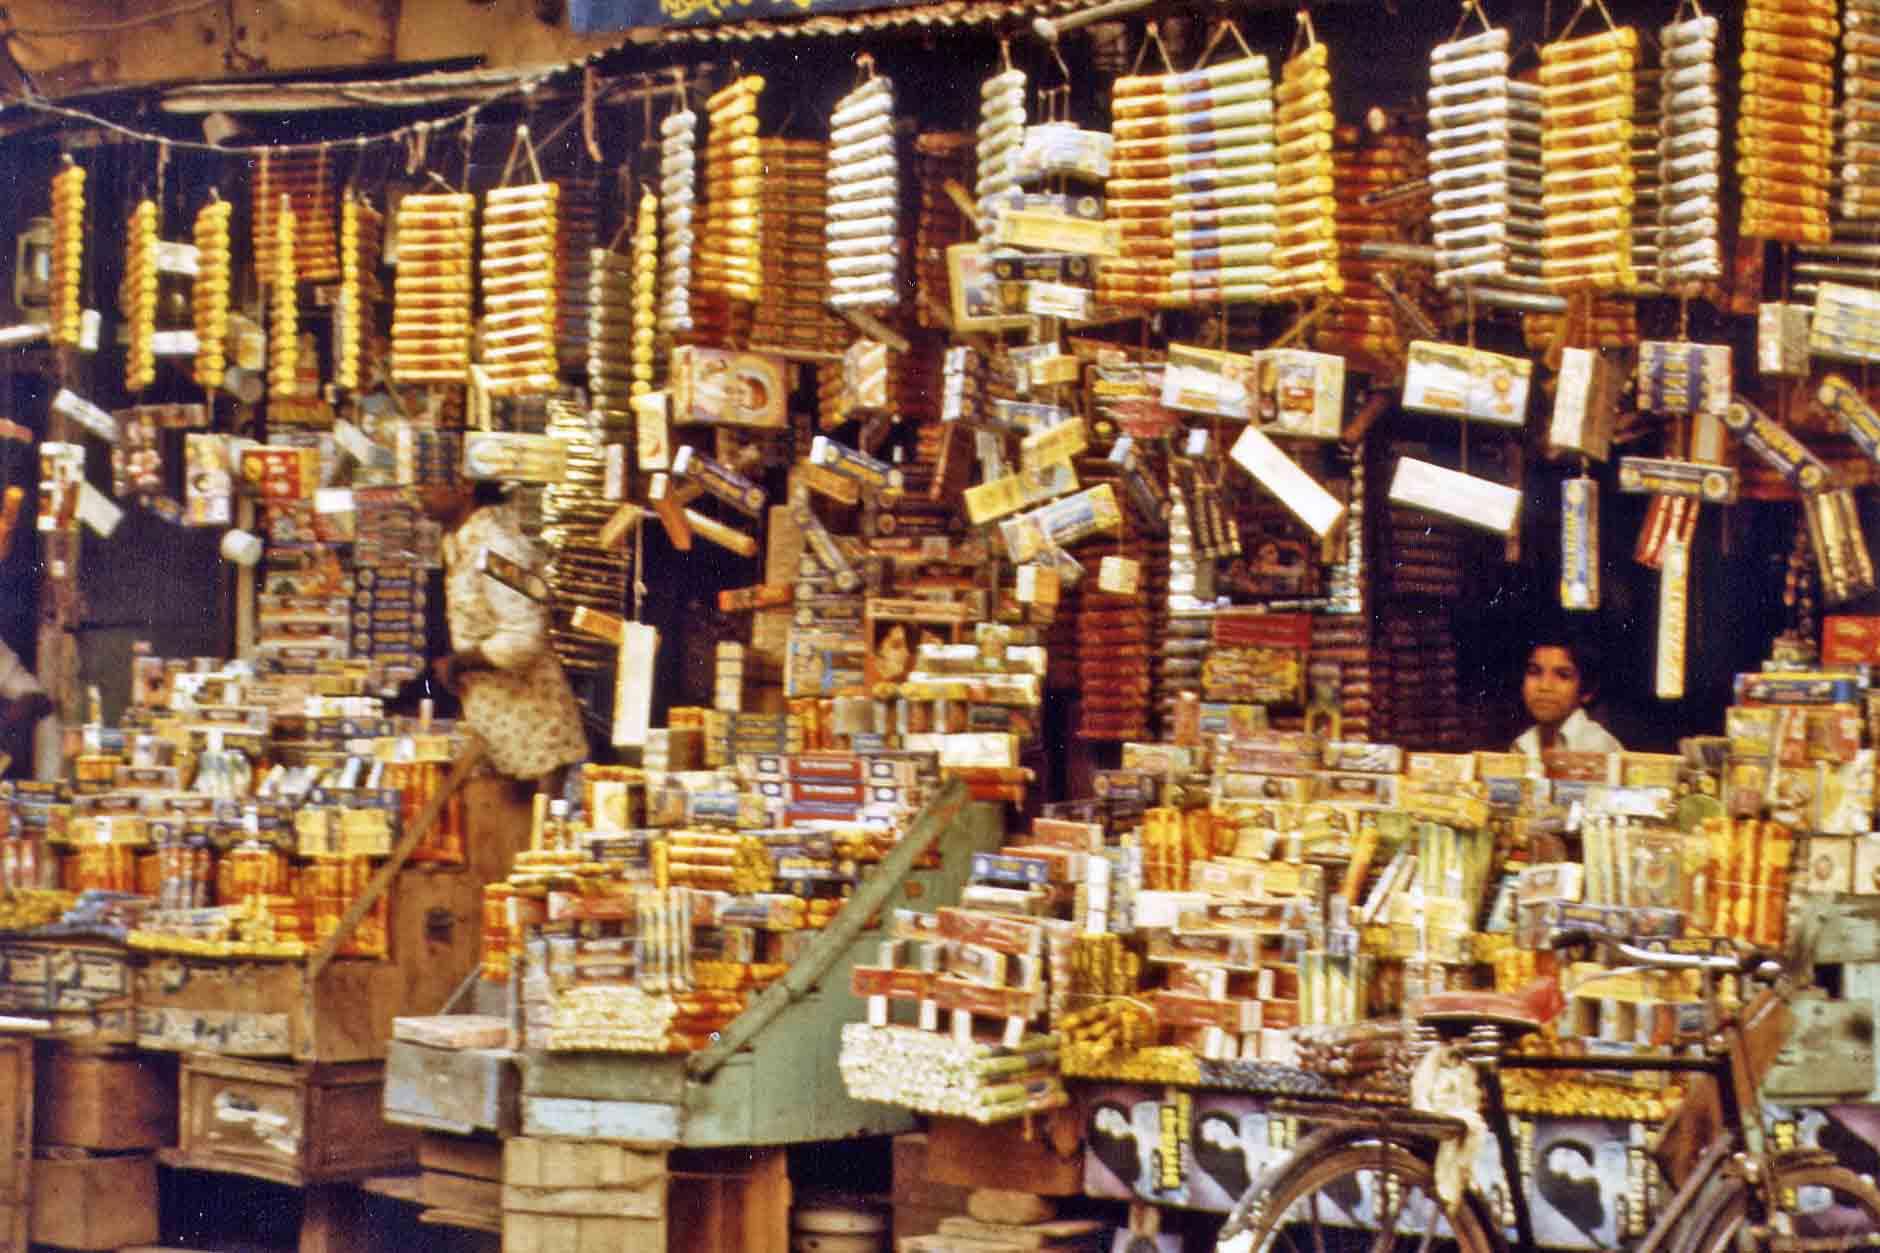 Incense sticks on indian market